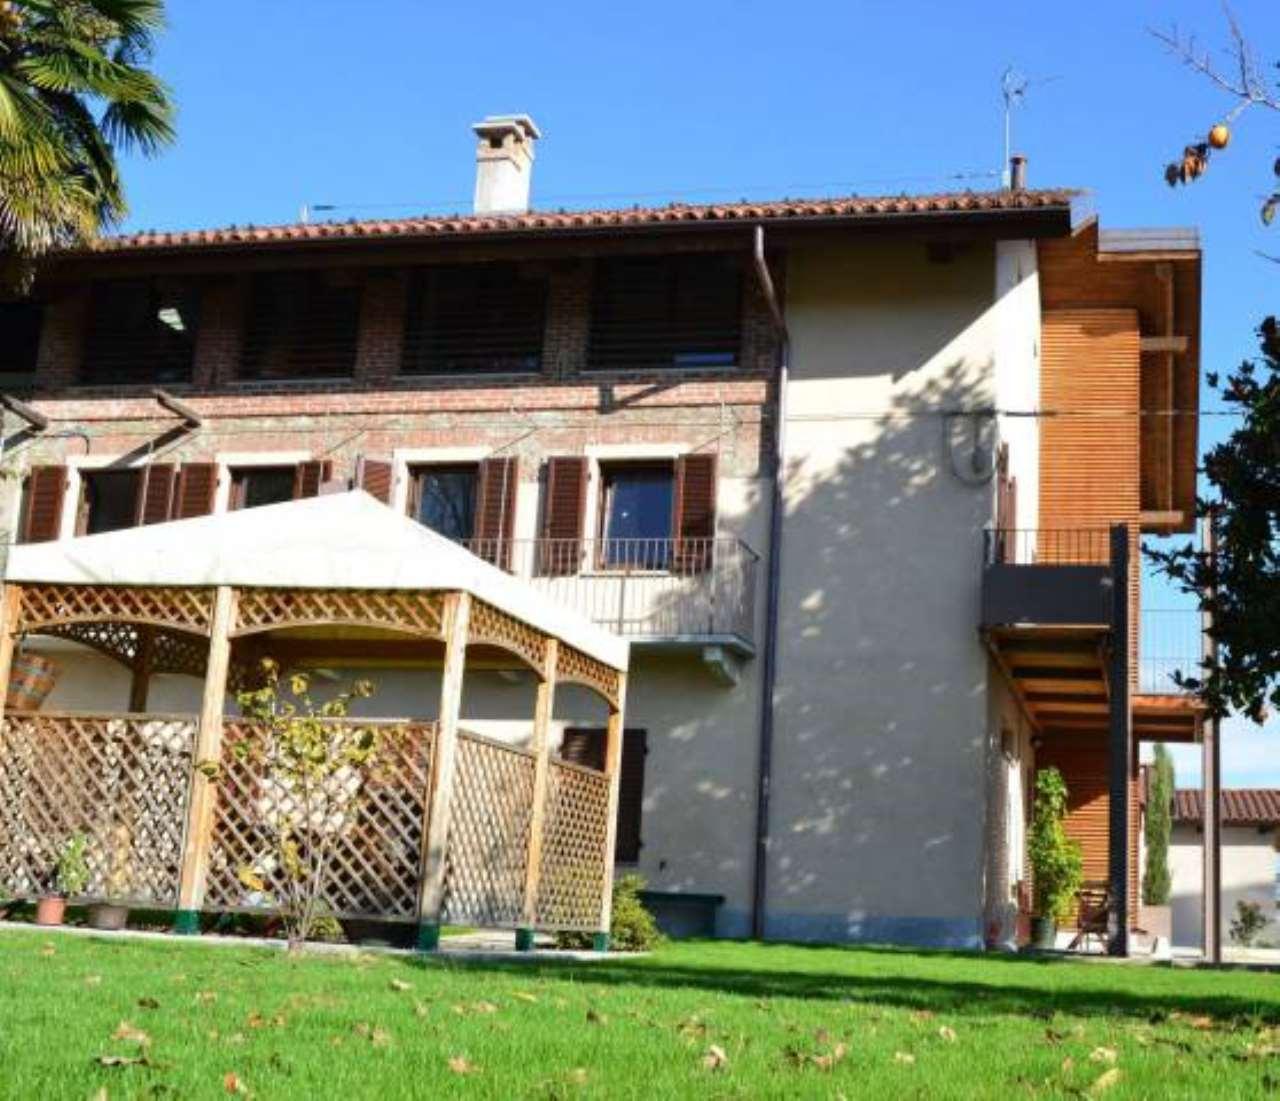 Attico / Mansarda in affitto a San Carlo Canavese, 2 locali, prezzo € 480 | CambioCasa.it